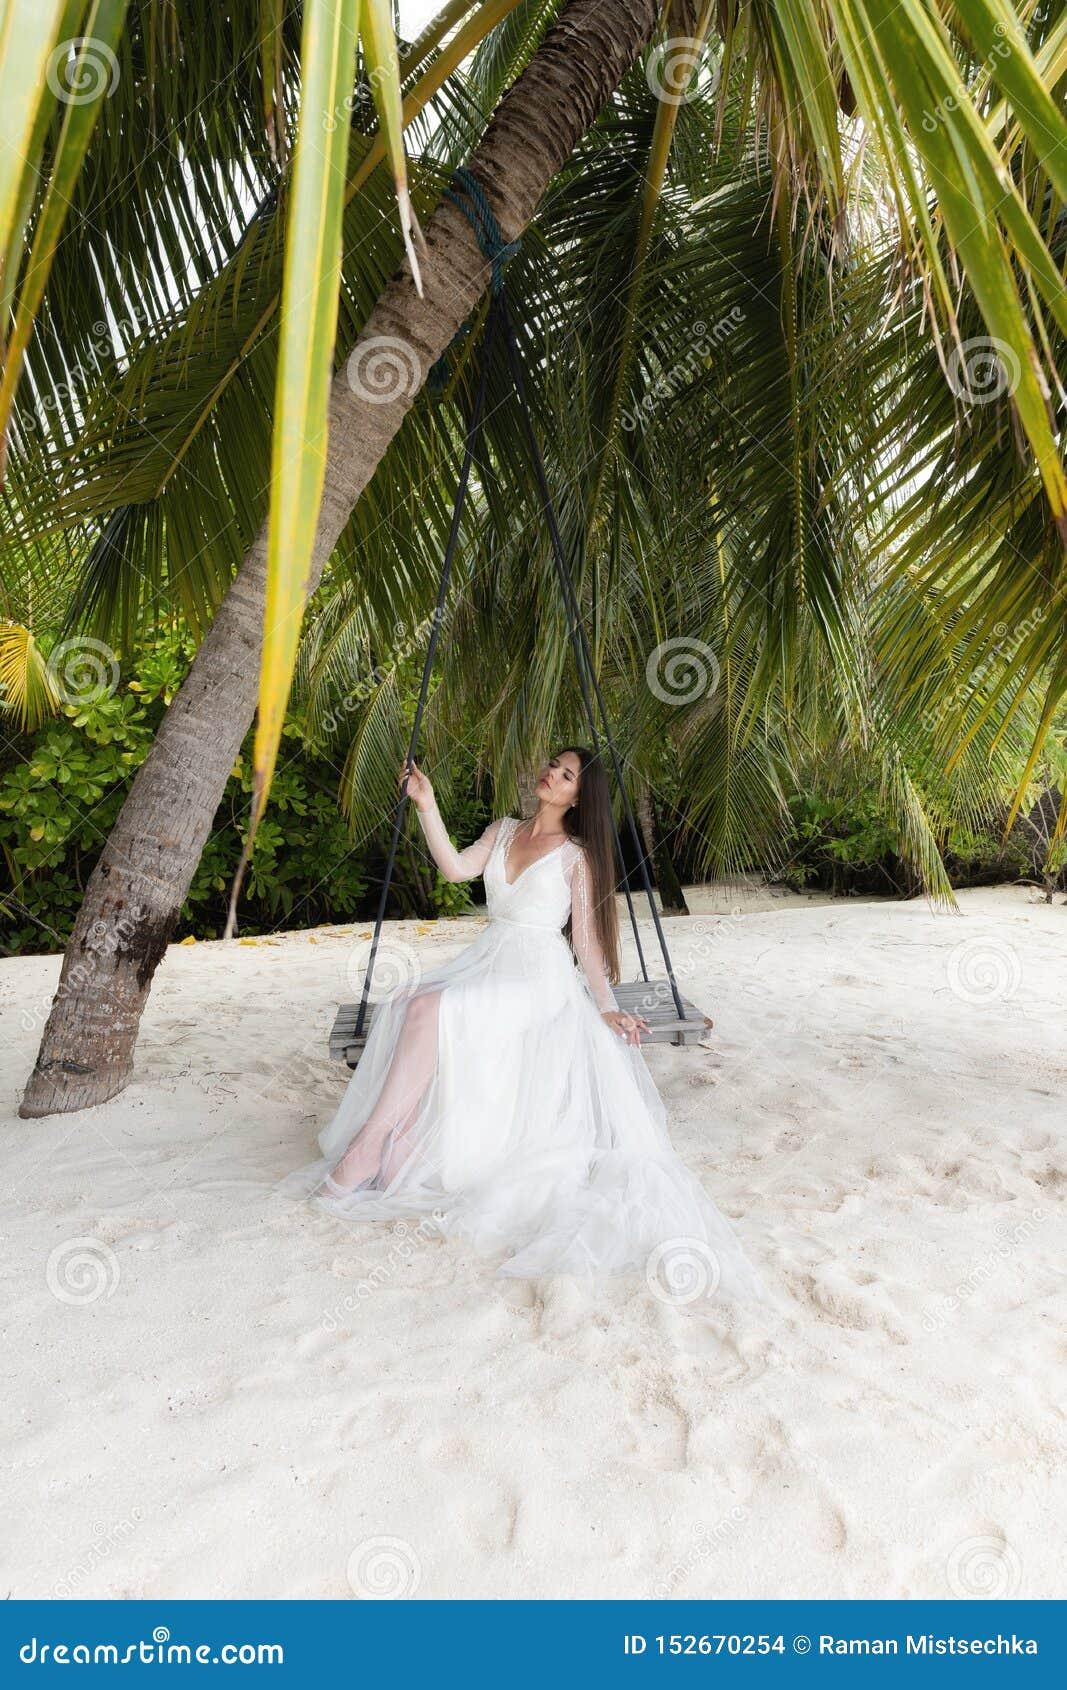 Uma noiva em um vestido branco está montando em um balanço sob uma palmeira grande